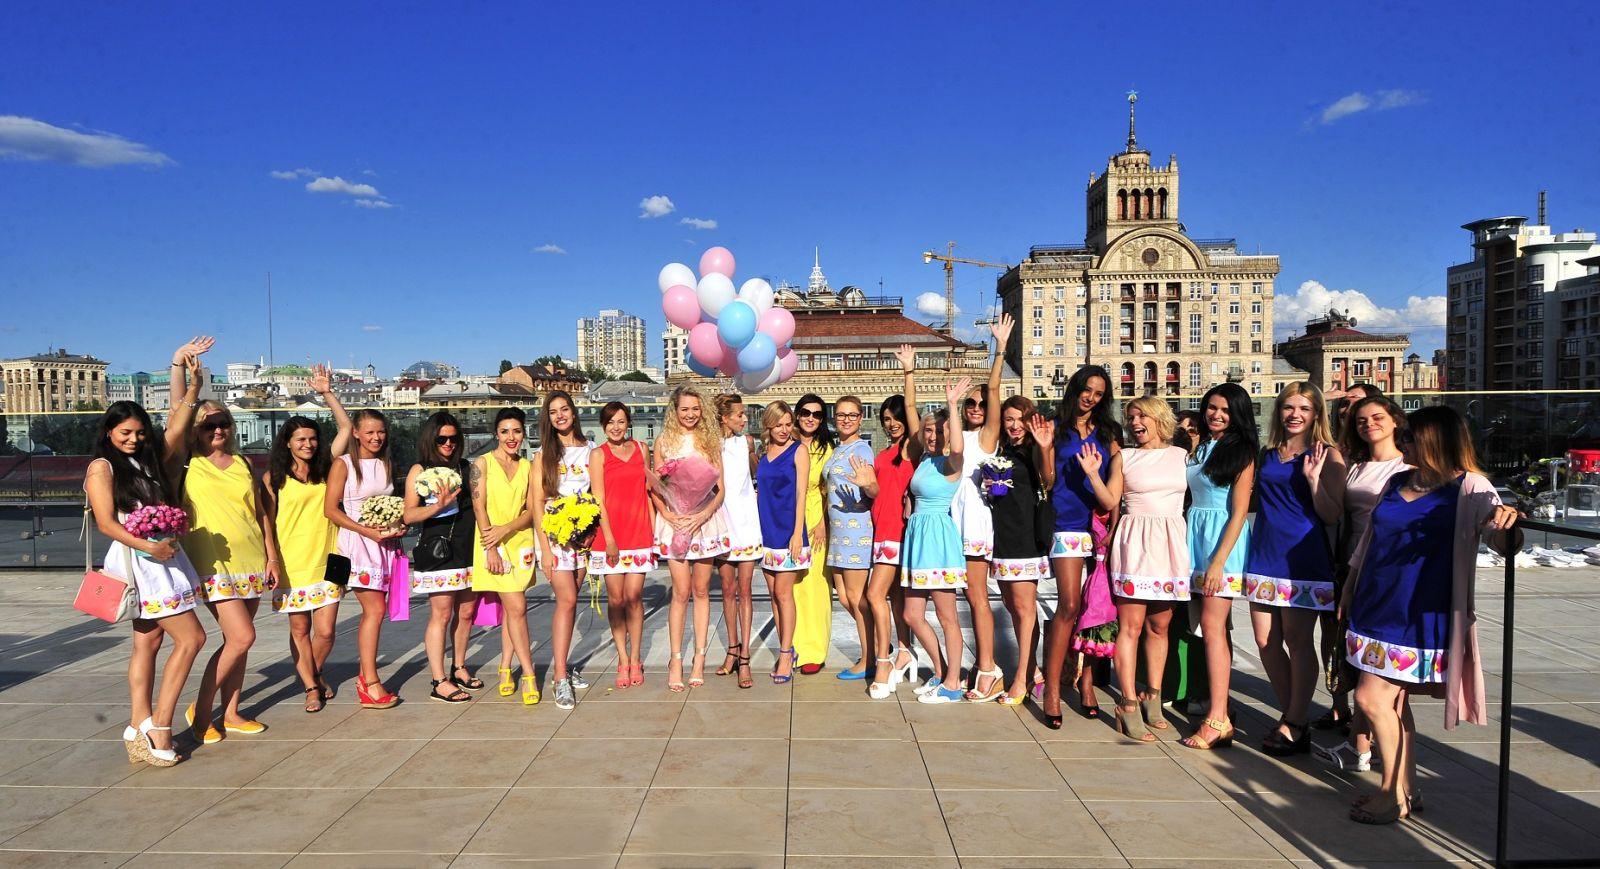 Анастасия Иванова отпраздновала свой день рождения